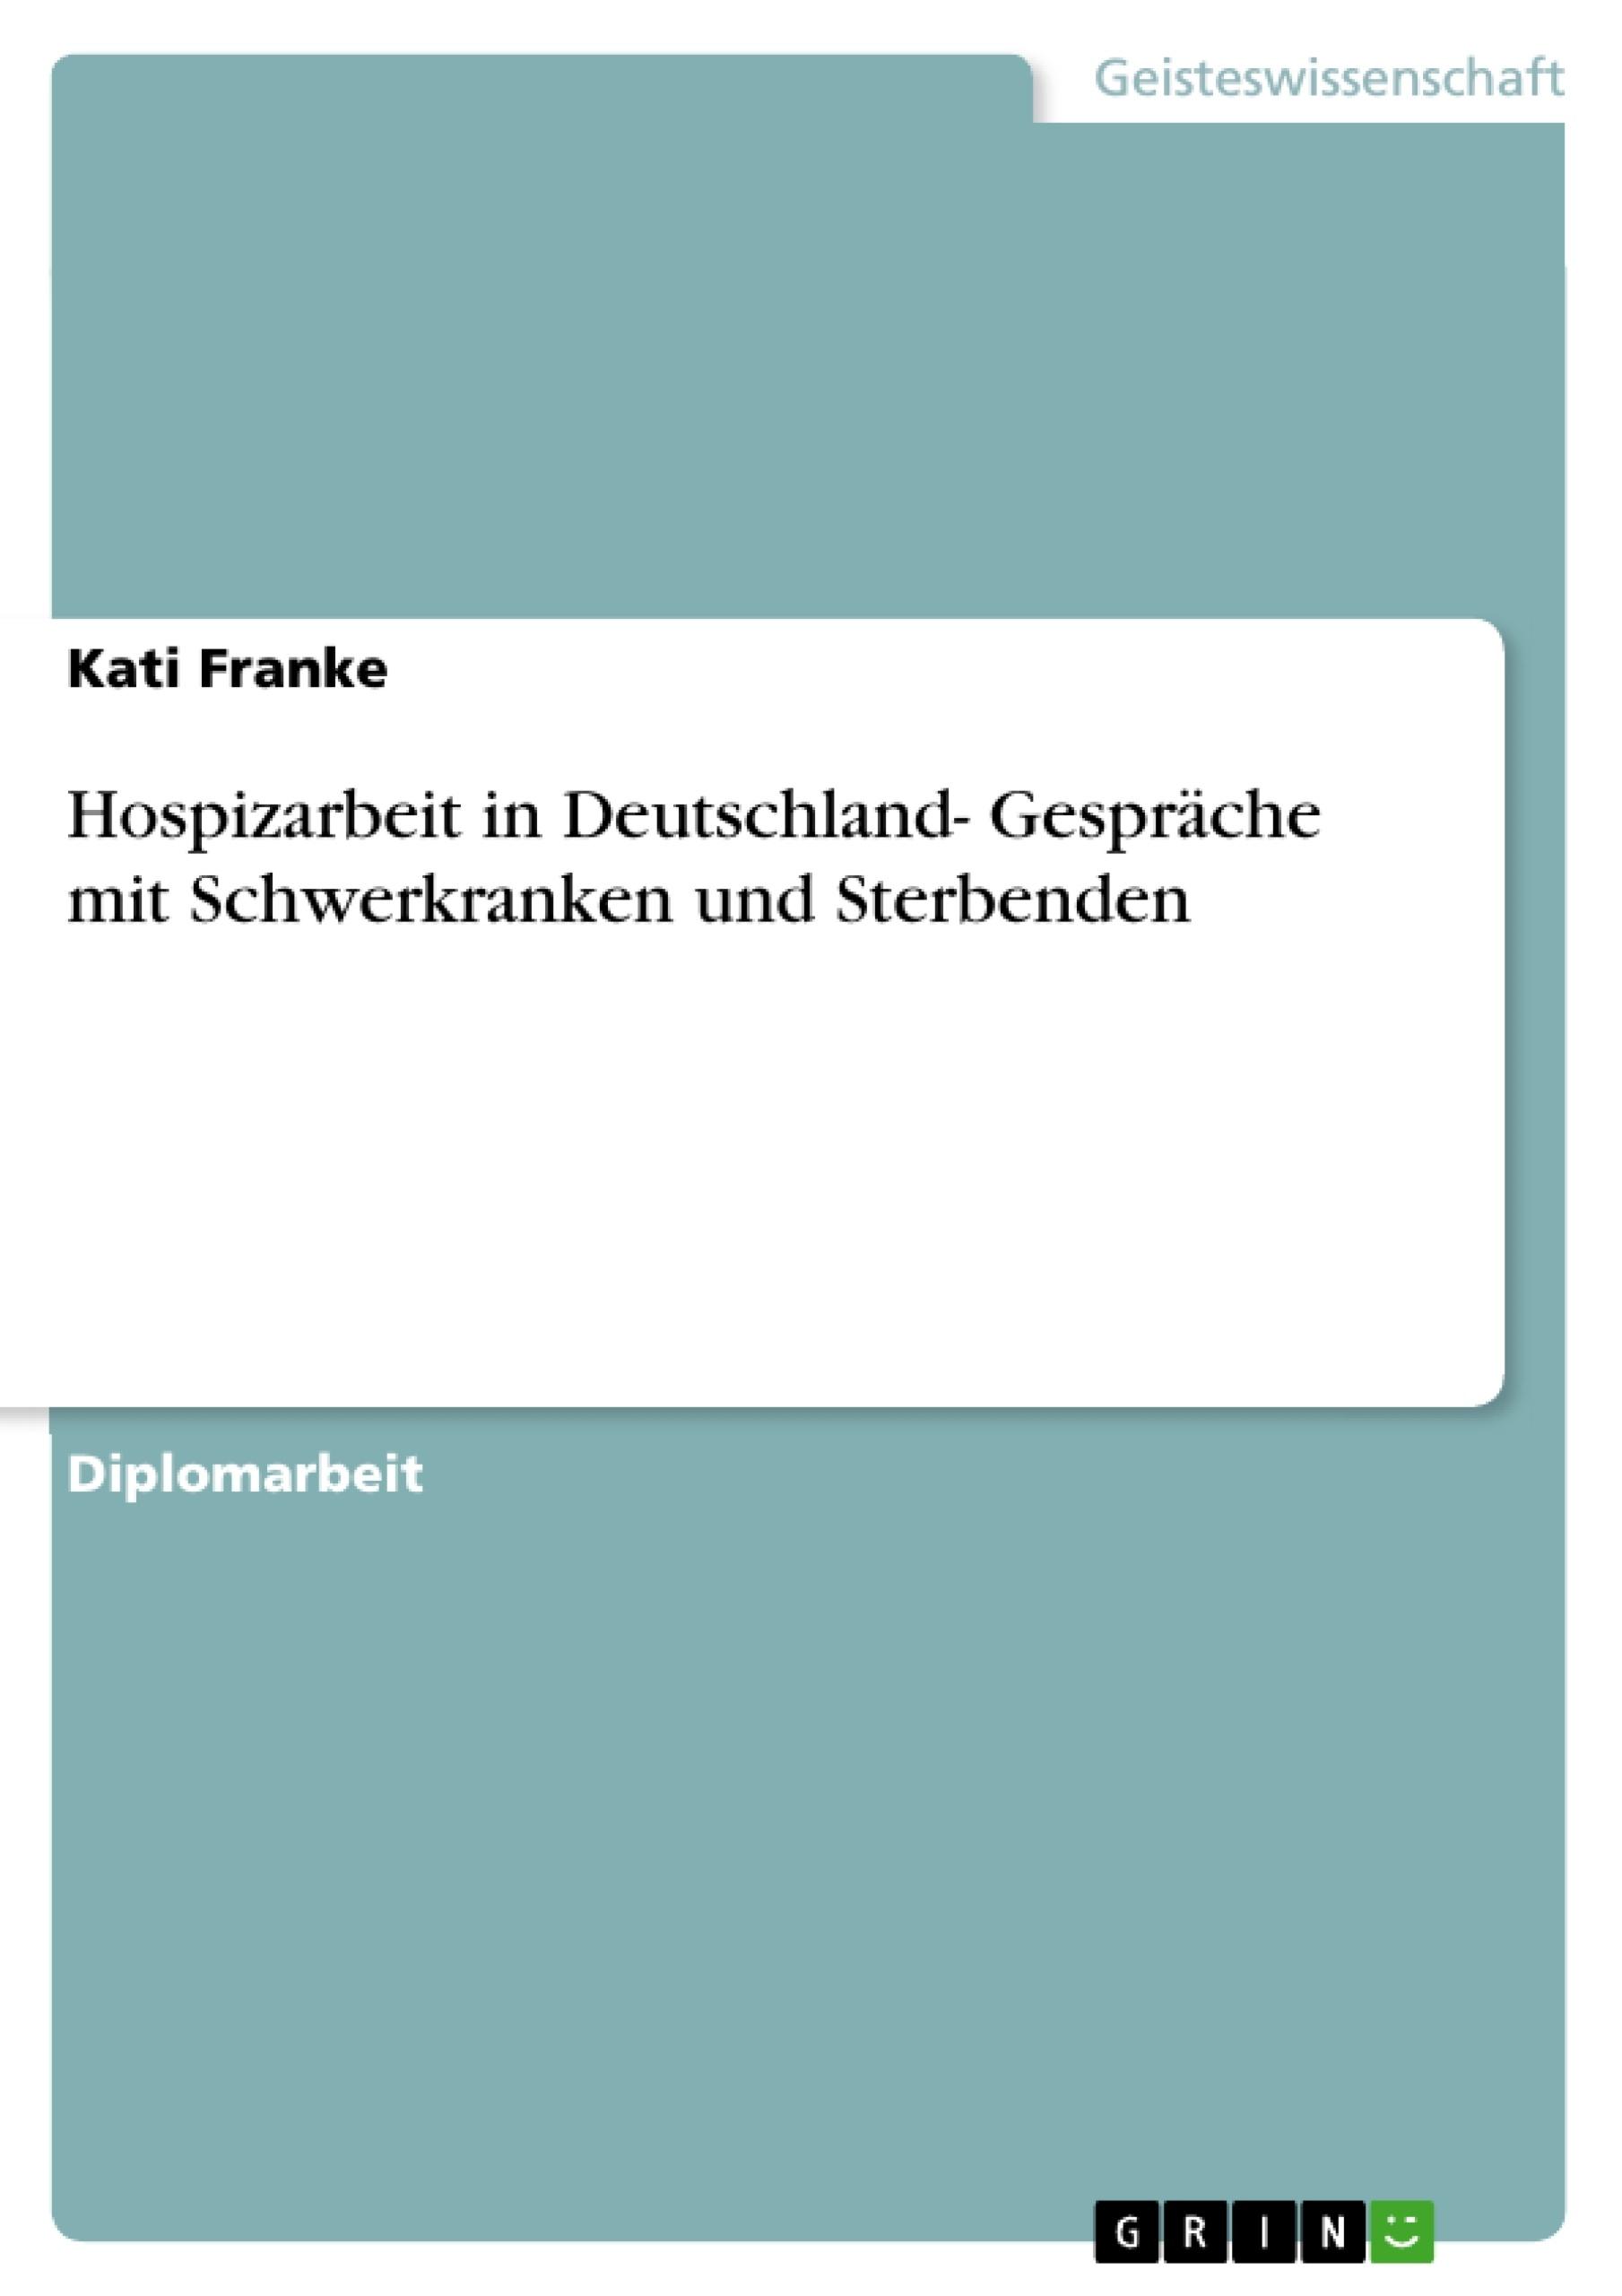 Titel: Hospizarbeit in Deutschland- Gespräche mit Schwerkranken und Sterbenden